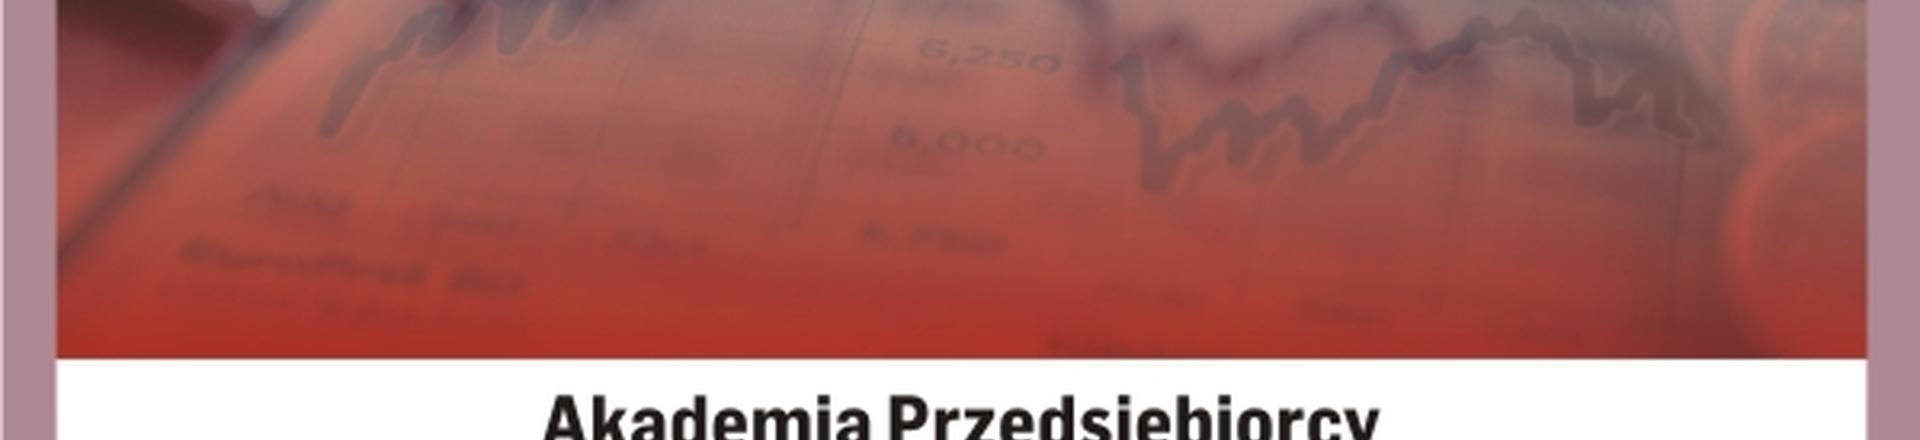 Cykl Akademia Przedsiębiorcy: Kapitał i bezpieczeństwo Twojej firmy - Zielona Góra